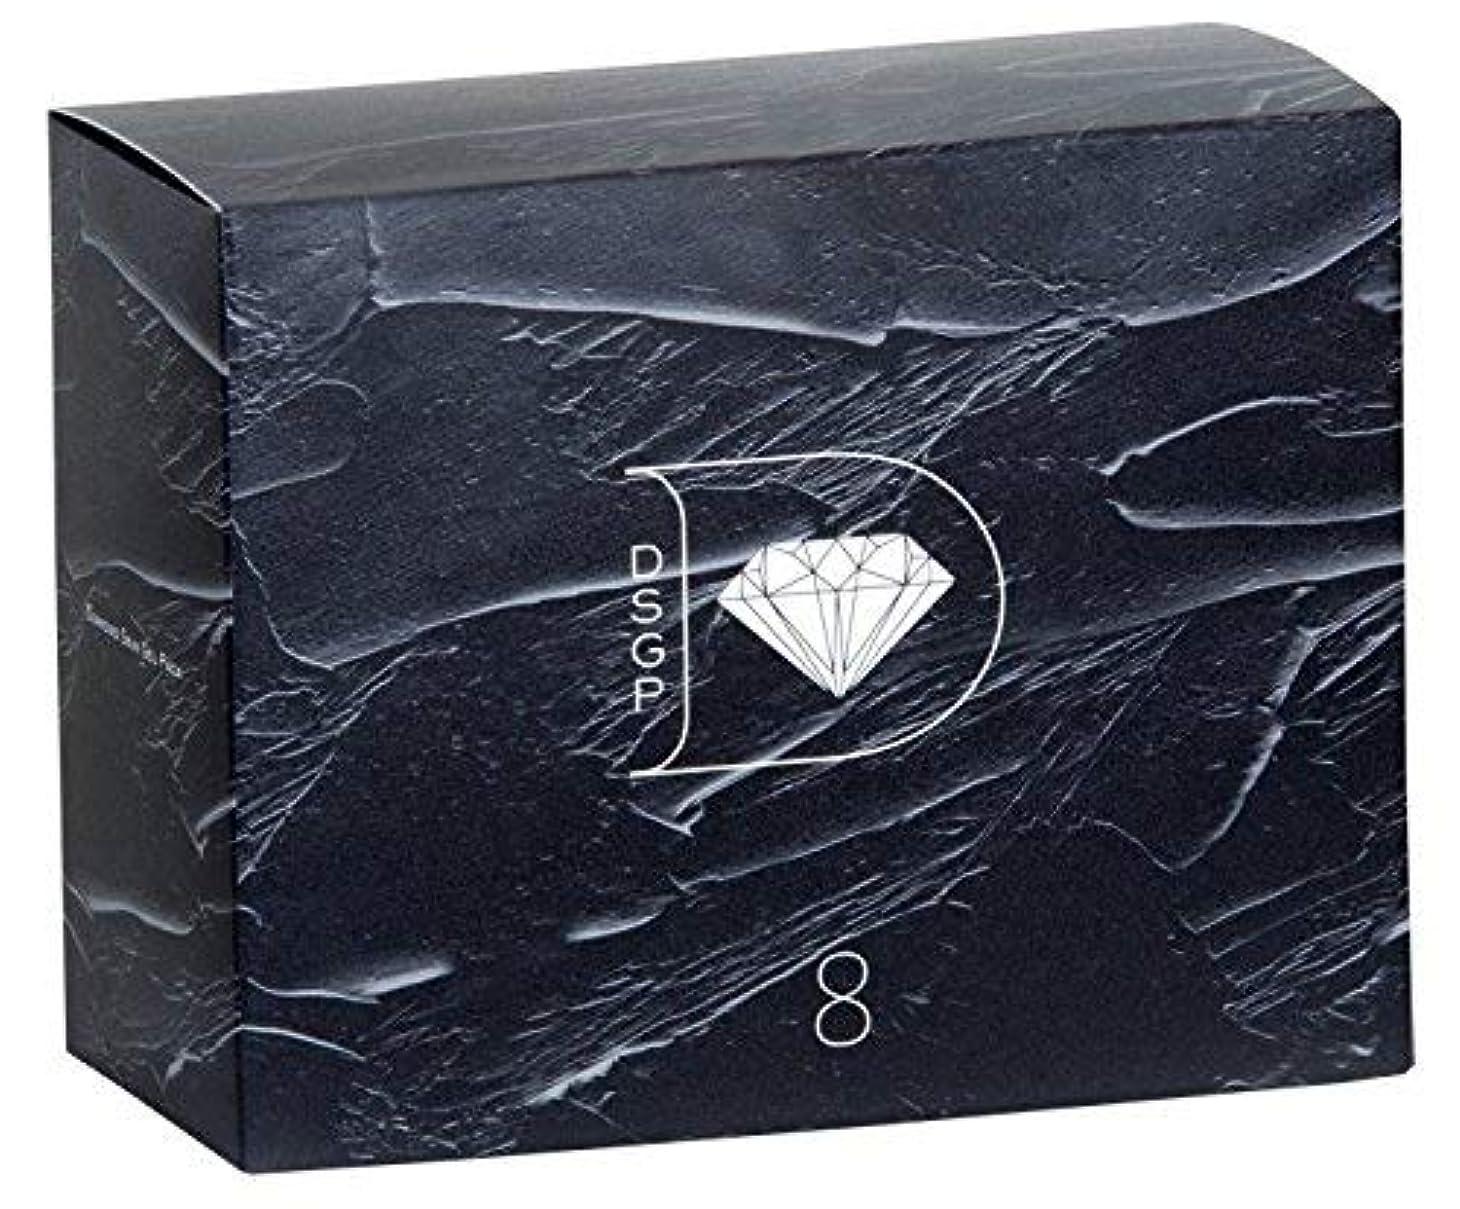 ブレス寝具晩餐ダイヤモンドスキンジェルパック×9箱 (1箱/8回分) 1回のパックで実感、もっちり肌。 琉球粘土×高濃度炭酸ガス フェイスパック